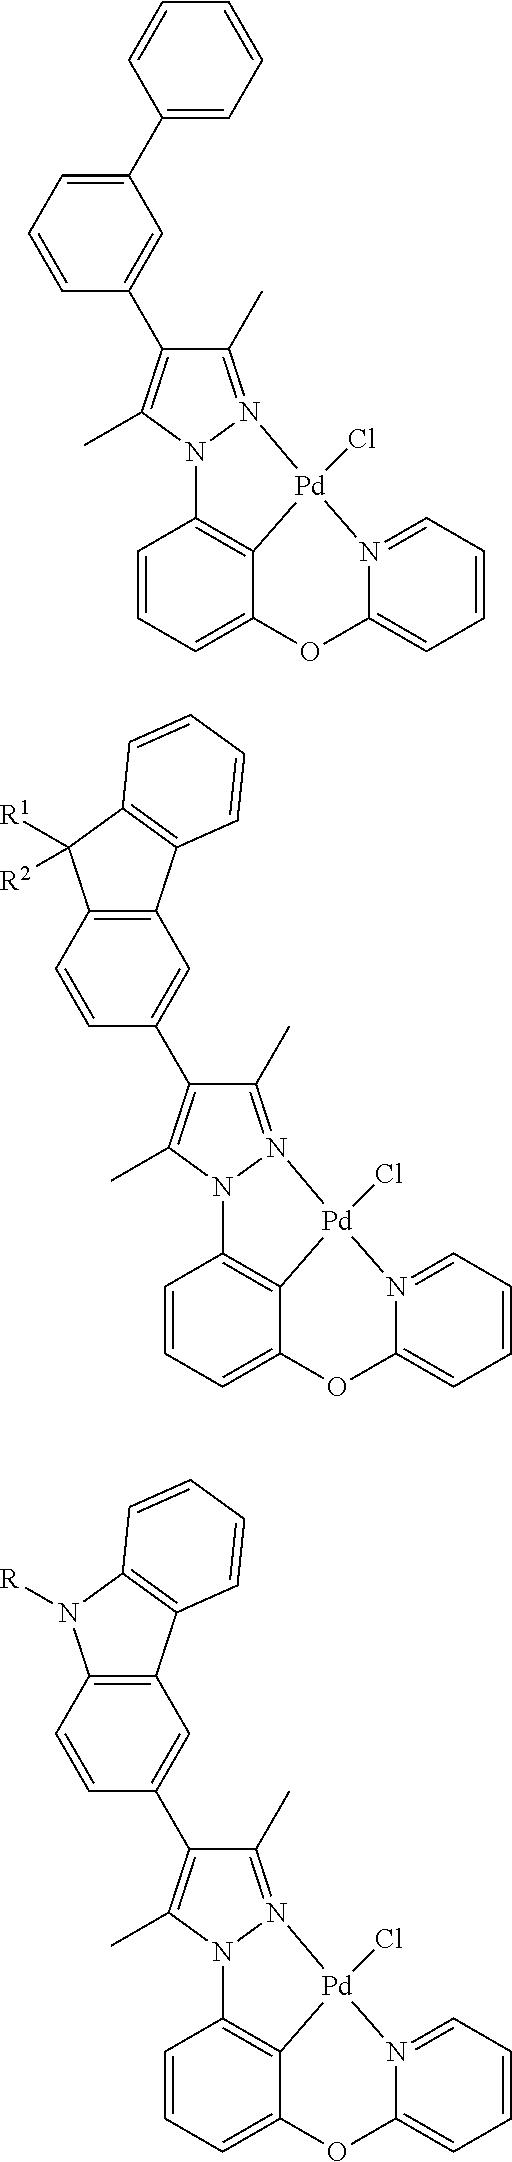 Figure US09818959-20171114-C00533